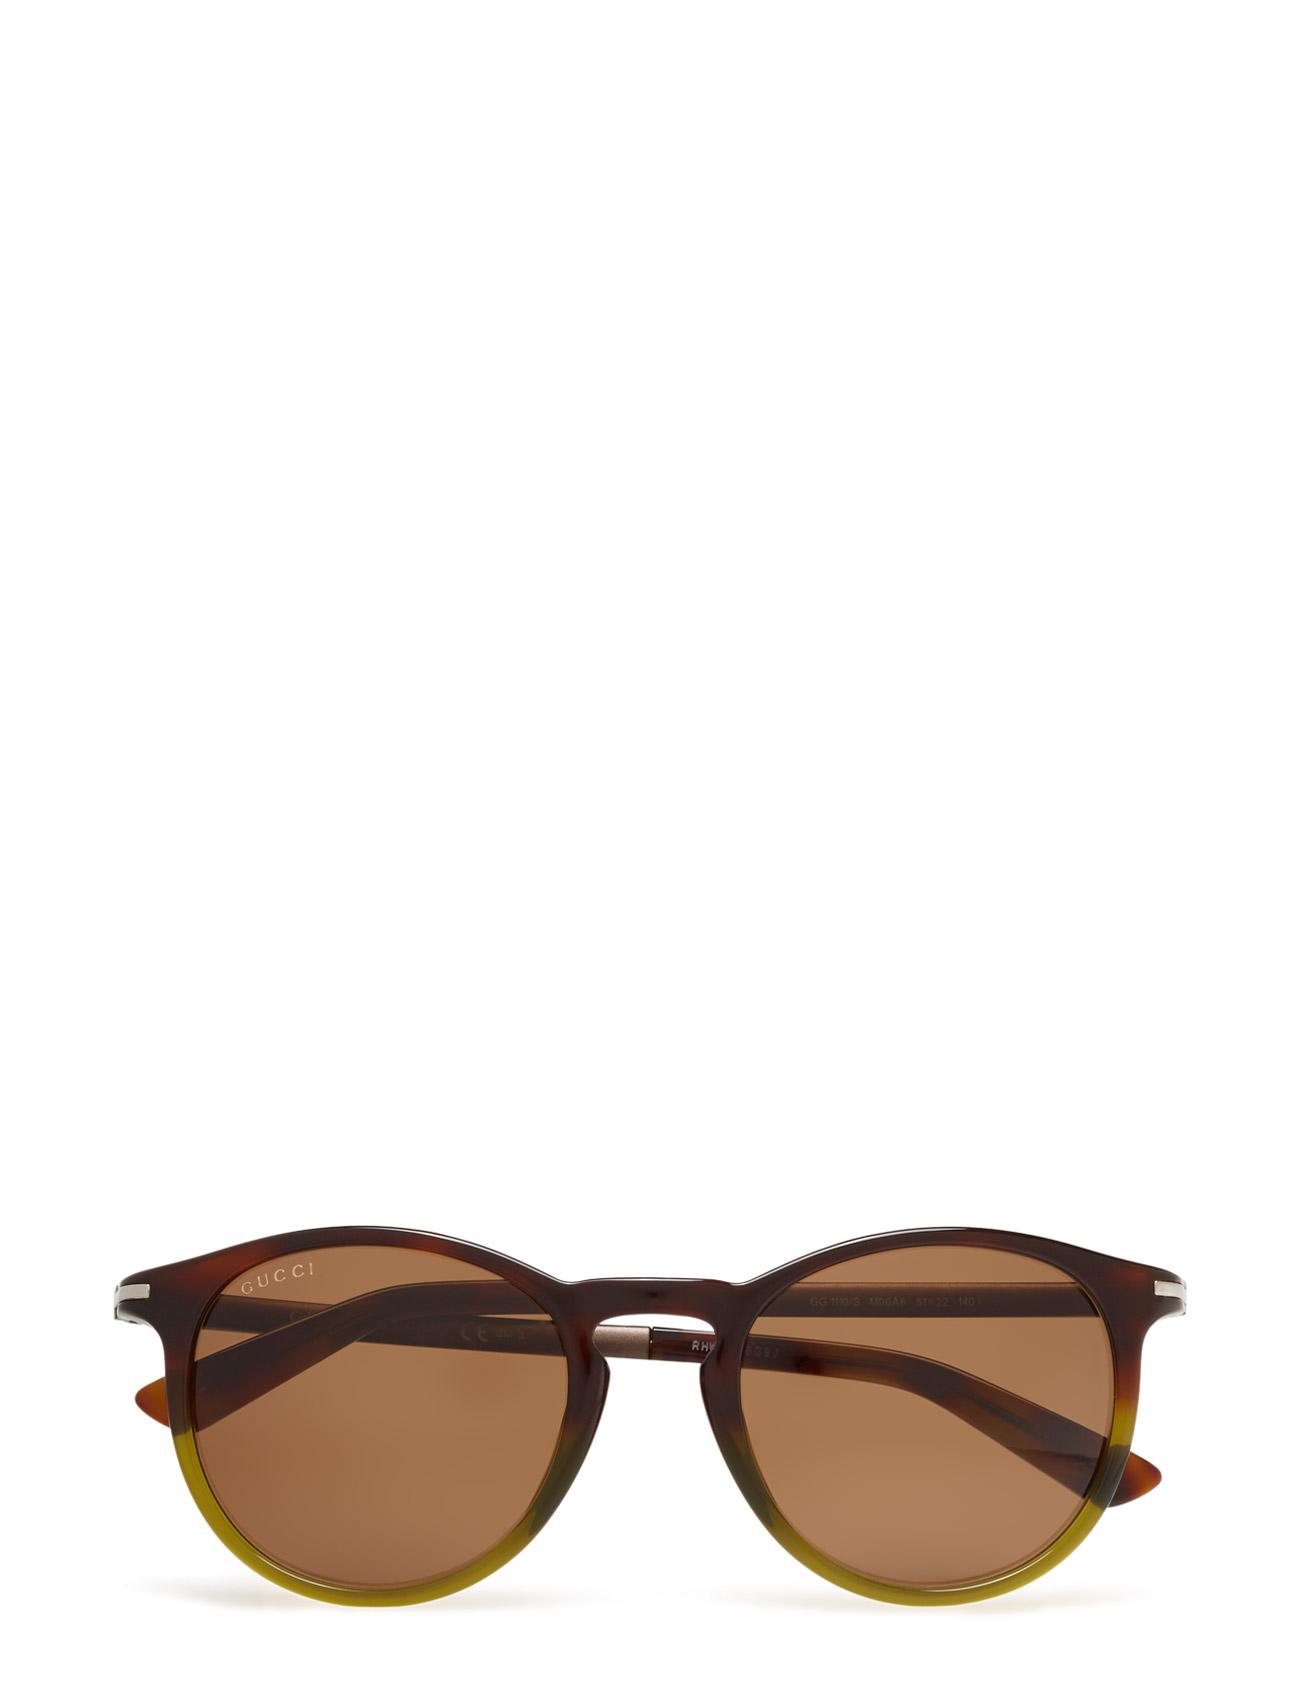 Gg 1110/S Gucci Sunglasses Solglasögon